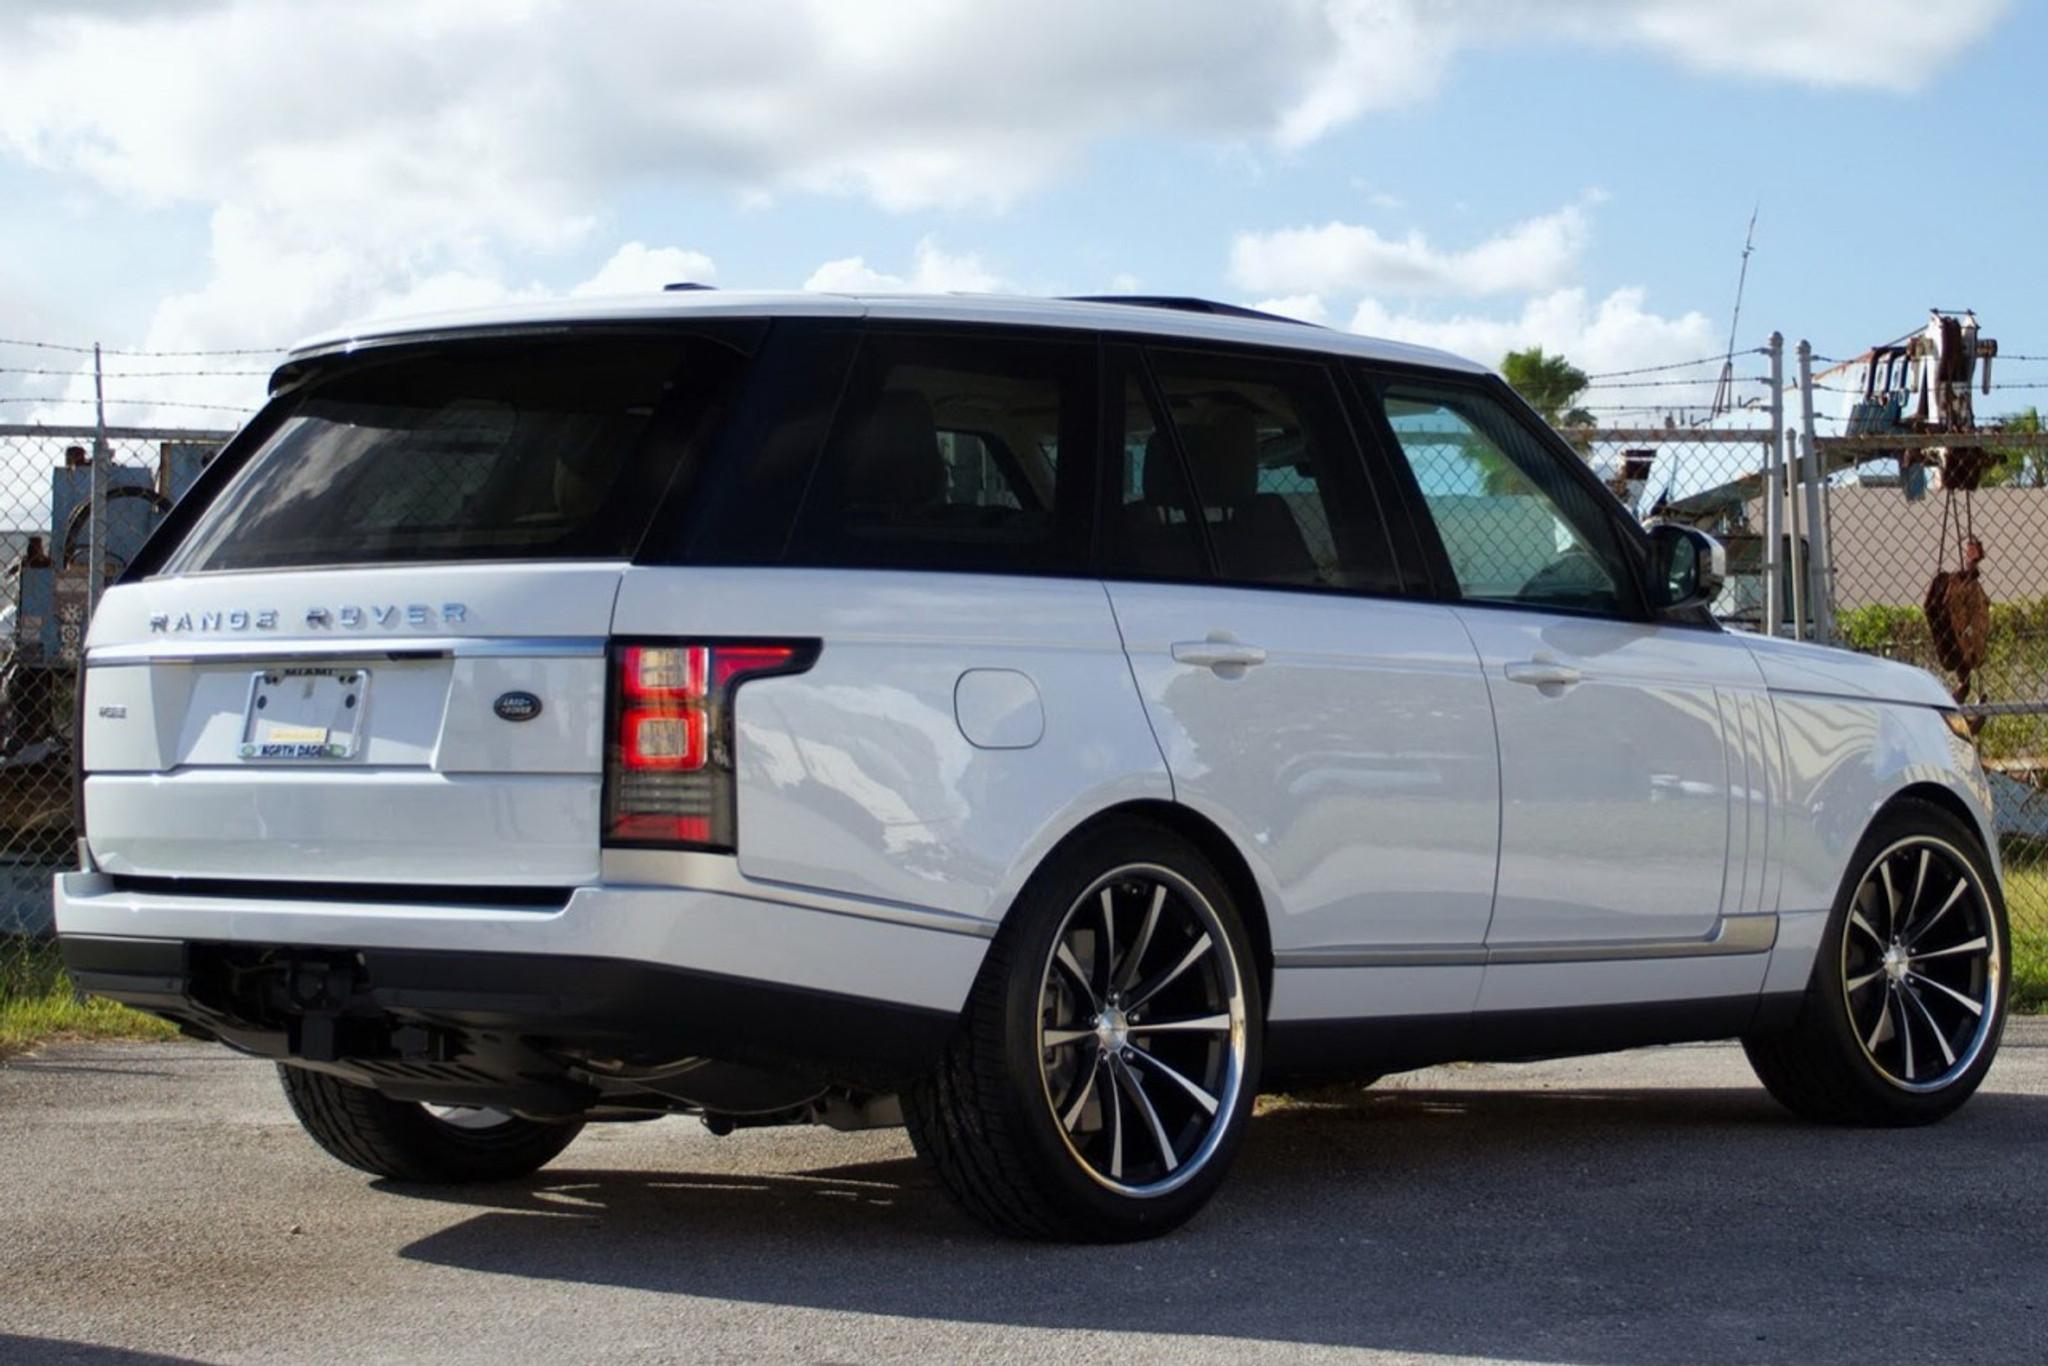 Range Rover Vogue L405 Rear Lamps - Meduza Design Ltd